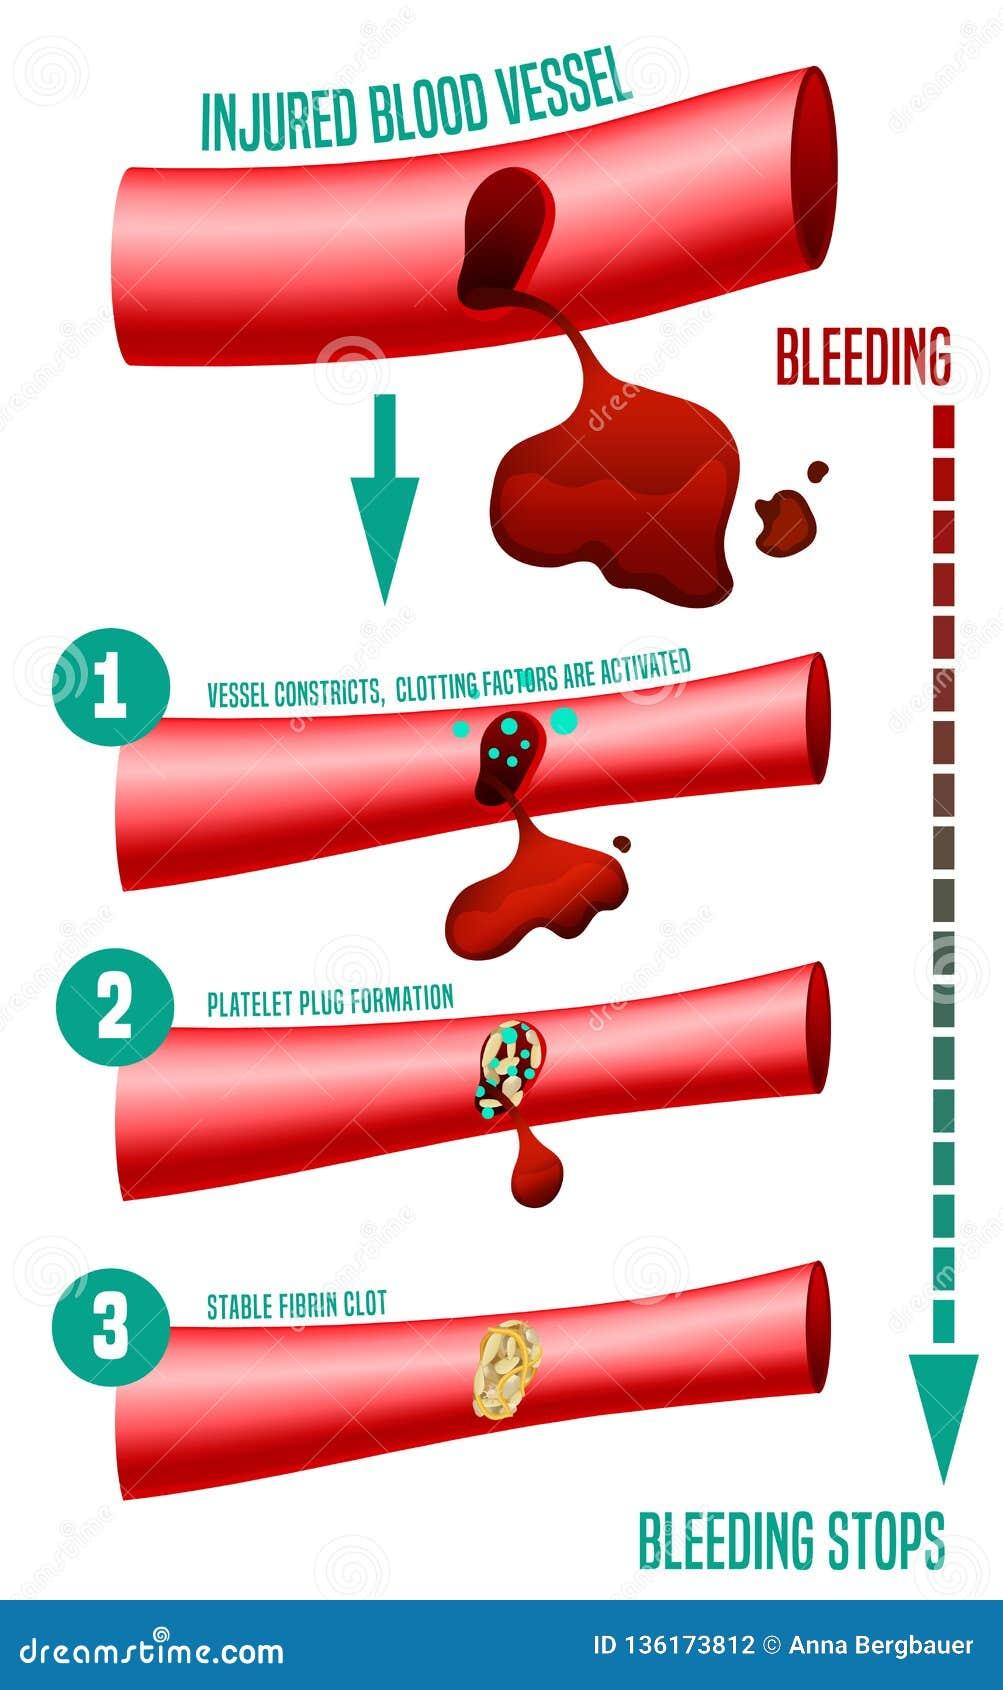 Formation de caillot sanguin